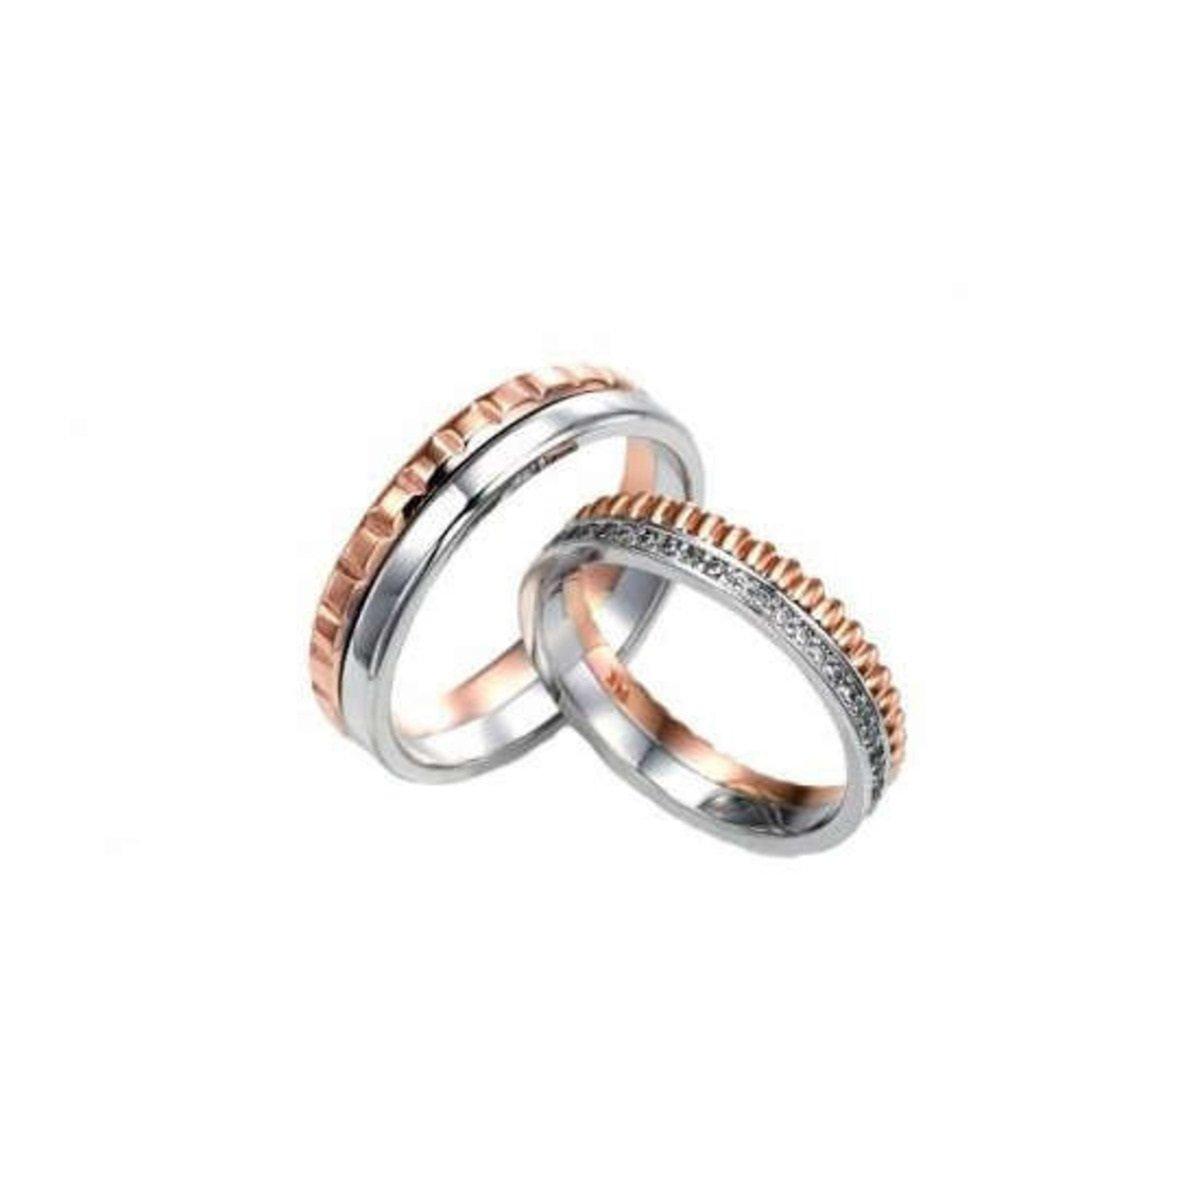 14K 齒輪紋雙色情侶戒指 (女款)